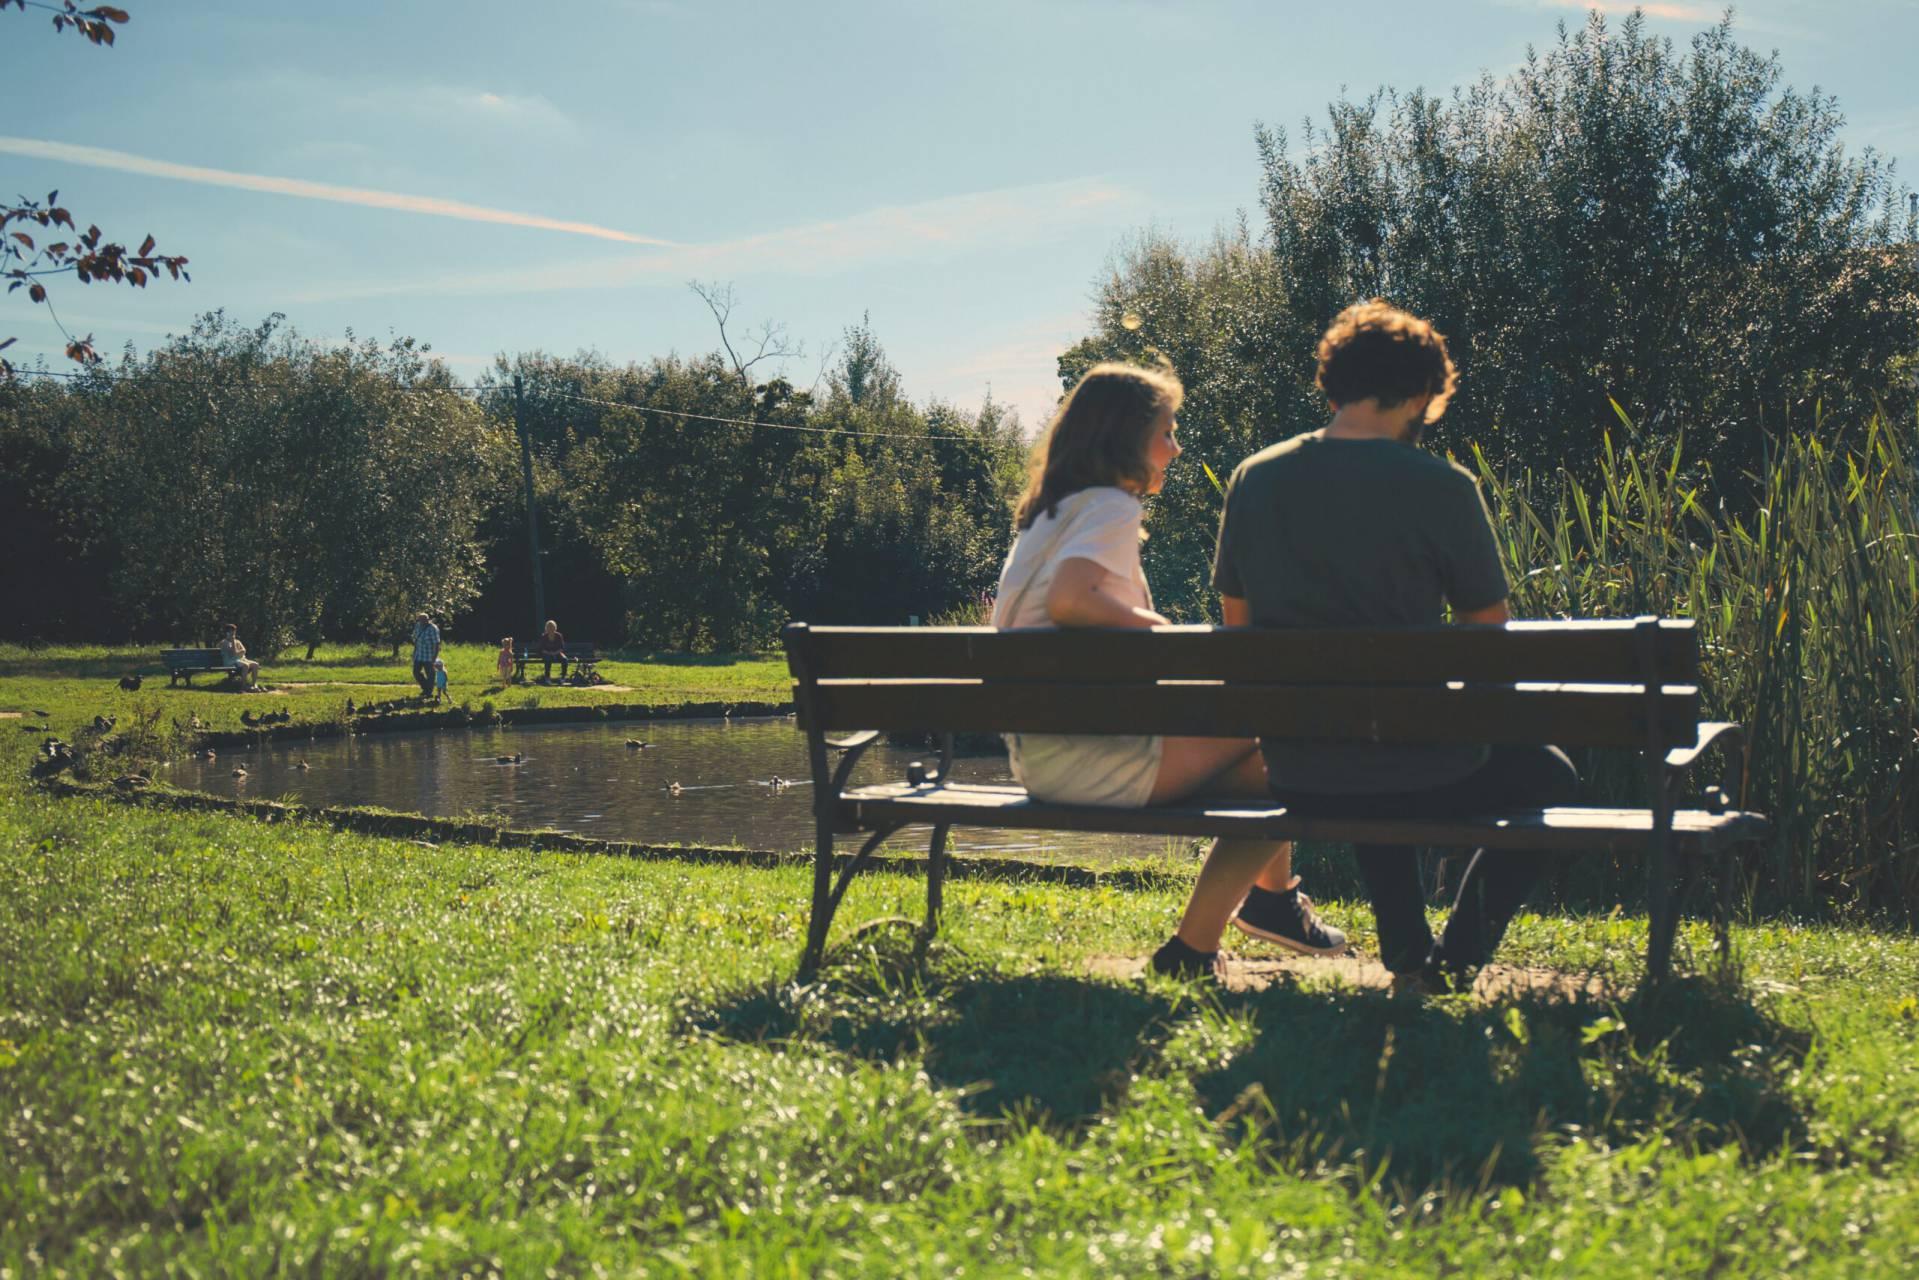 Man och kvinna sitter i solljus på en bänk omgiven av grönska